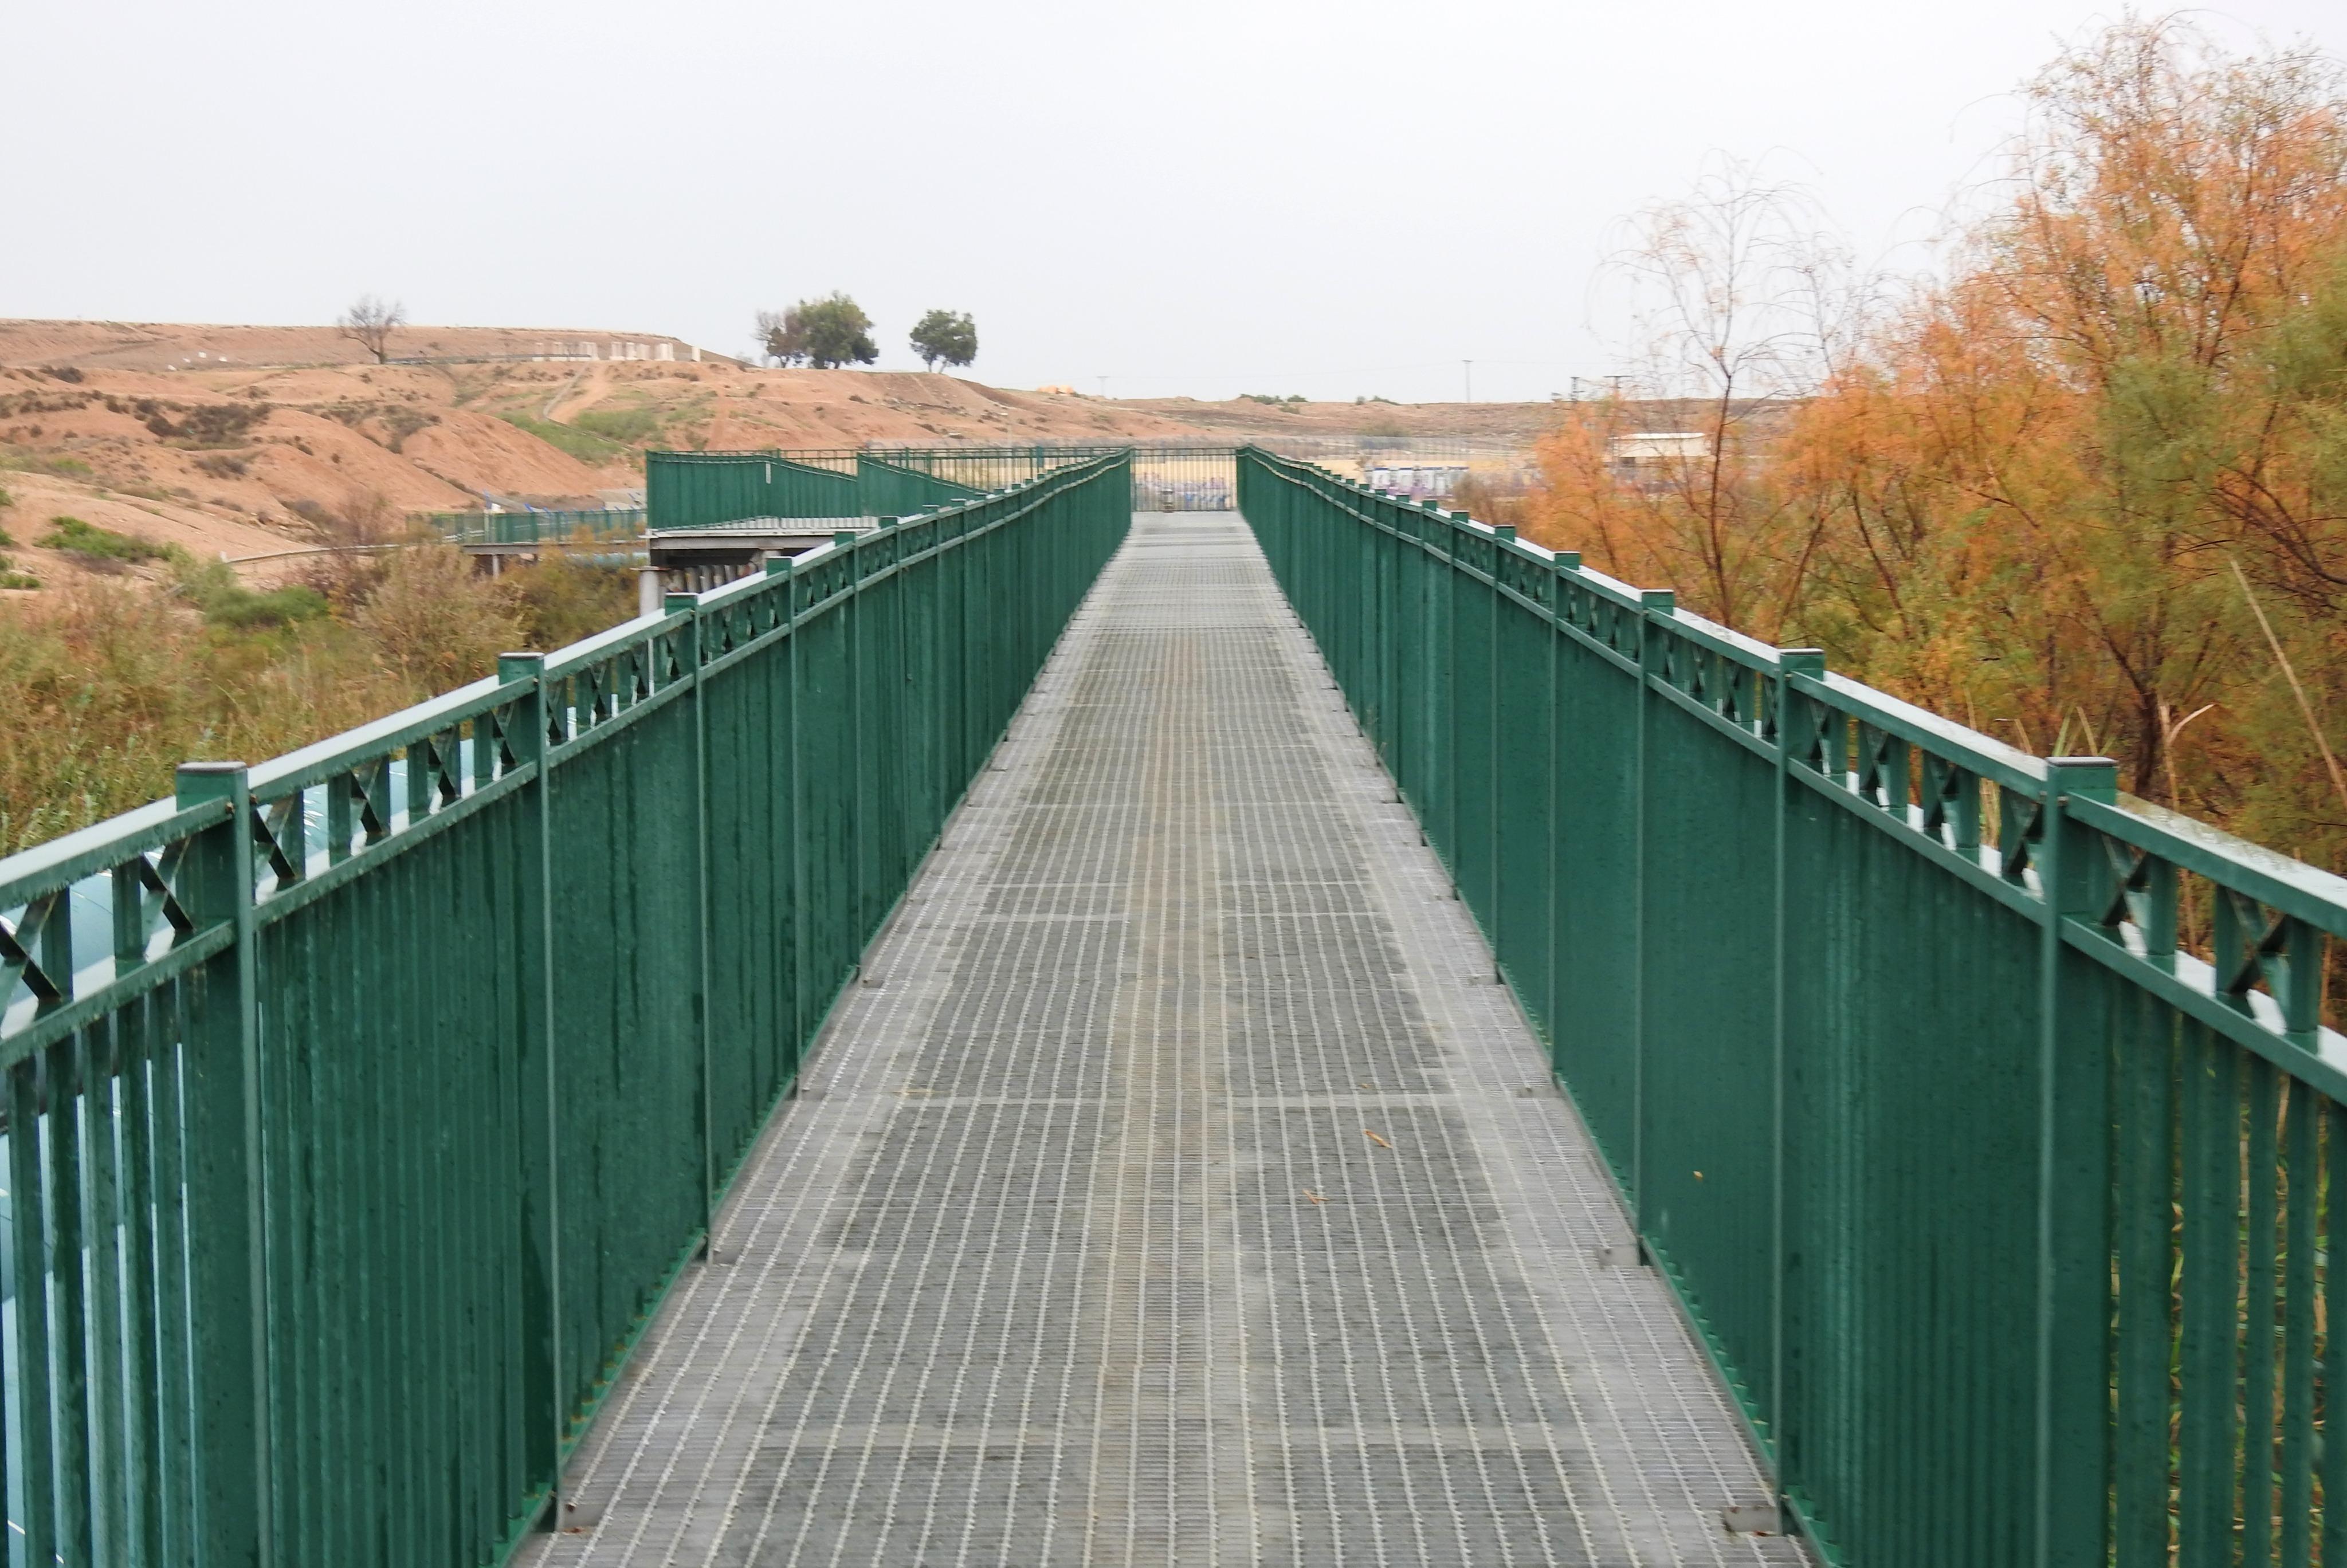 The Pipe Bridge